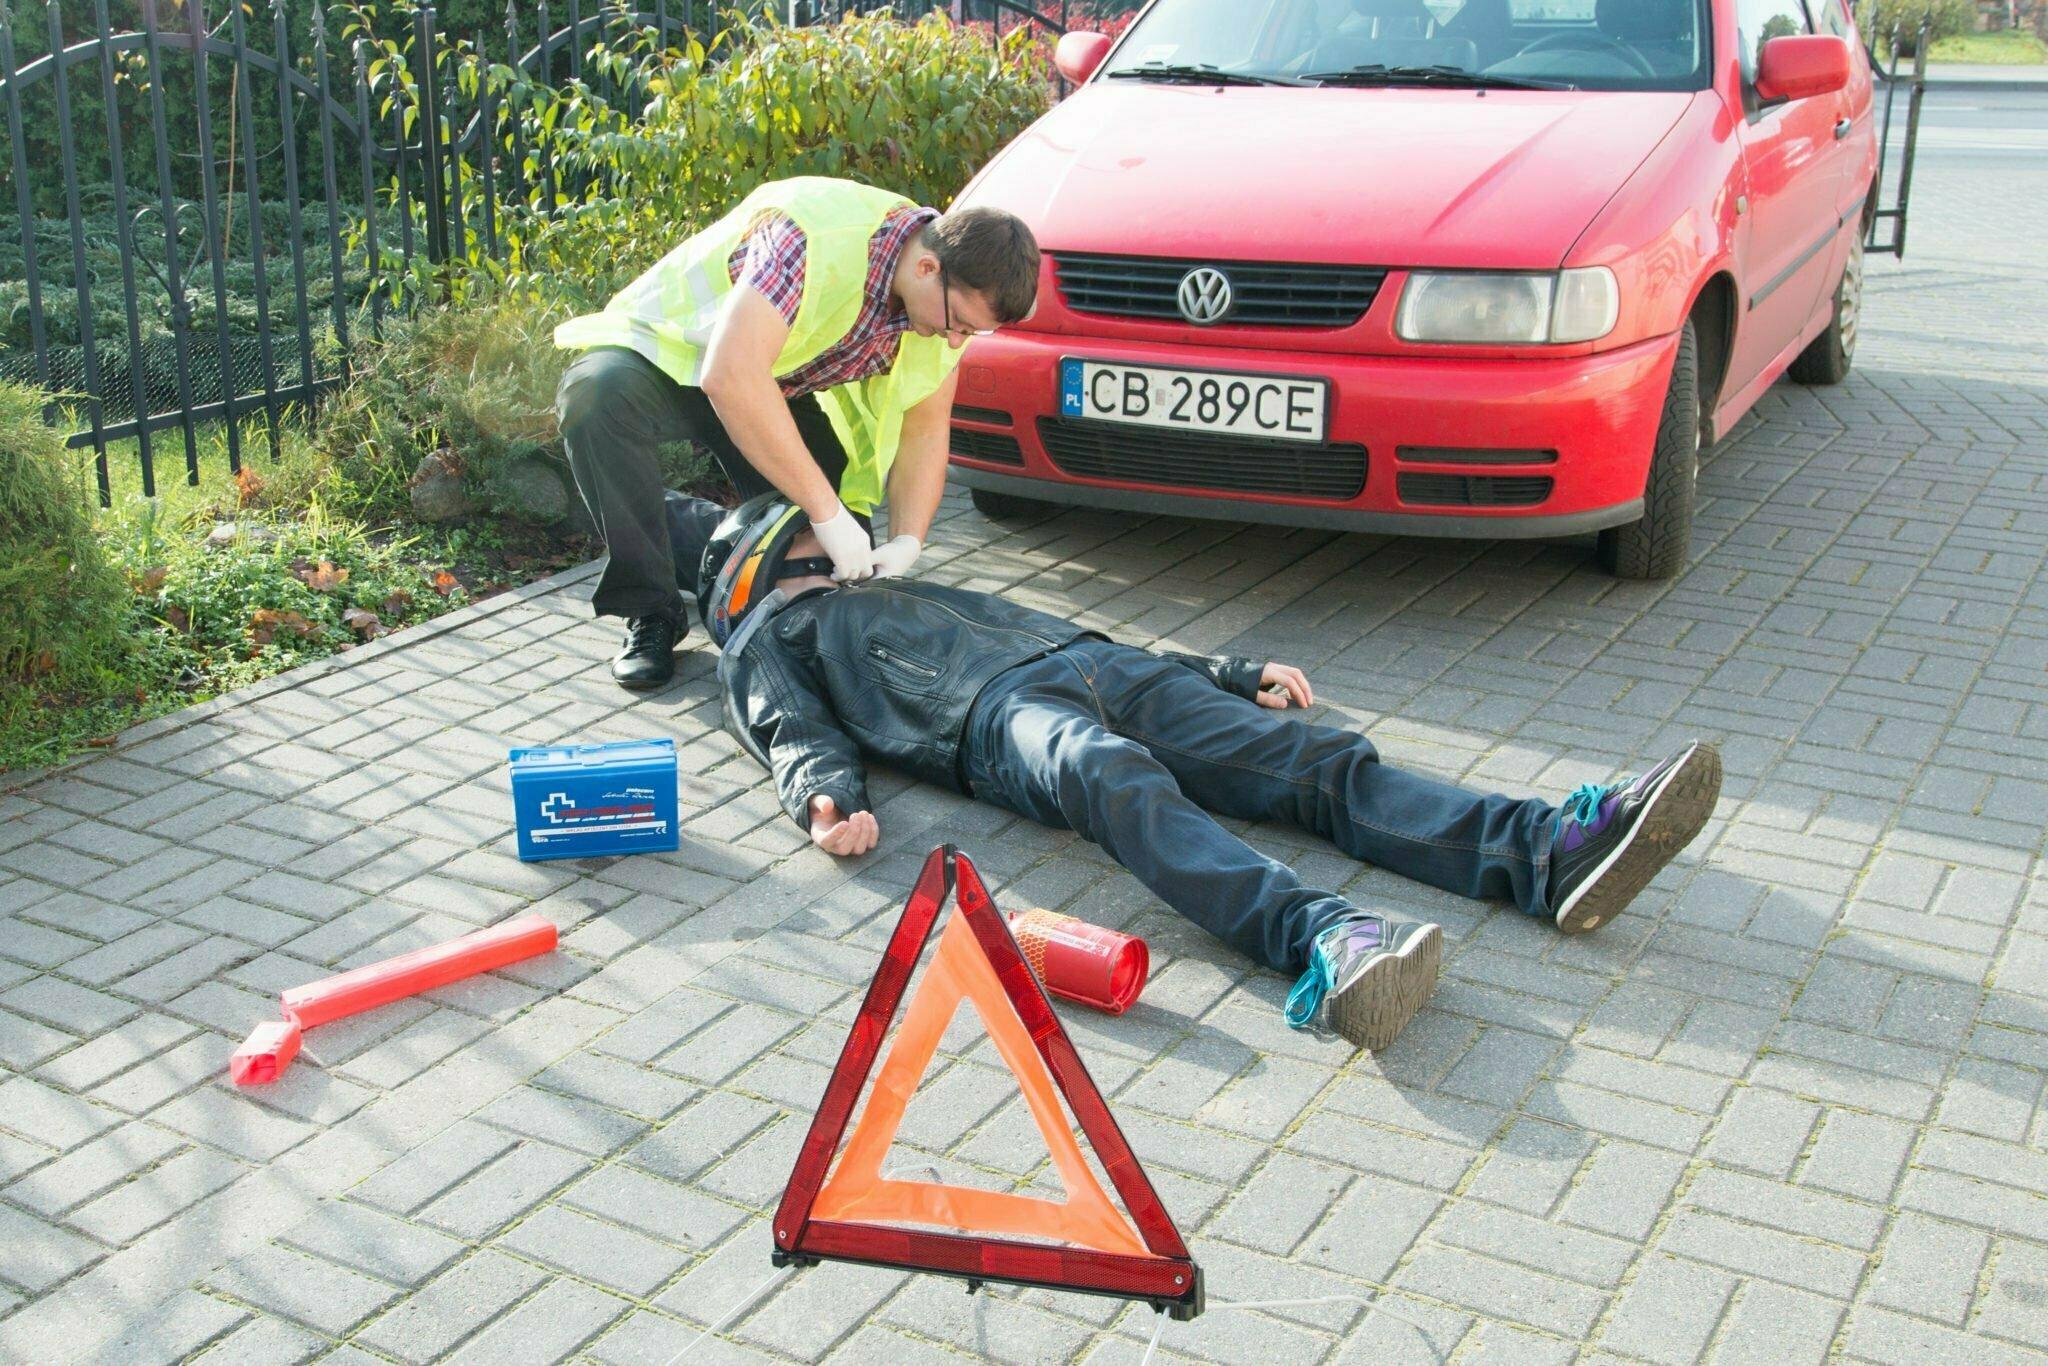 postepowanie podczas wypadku samochodowego